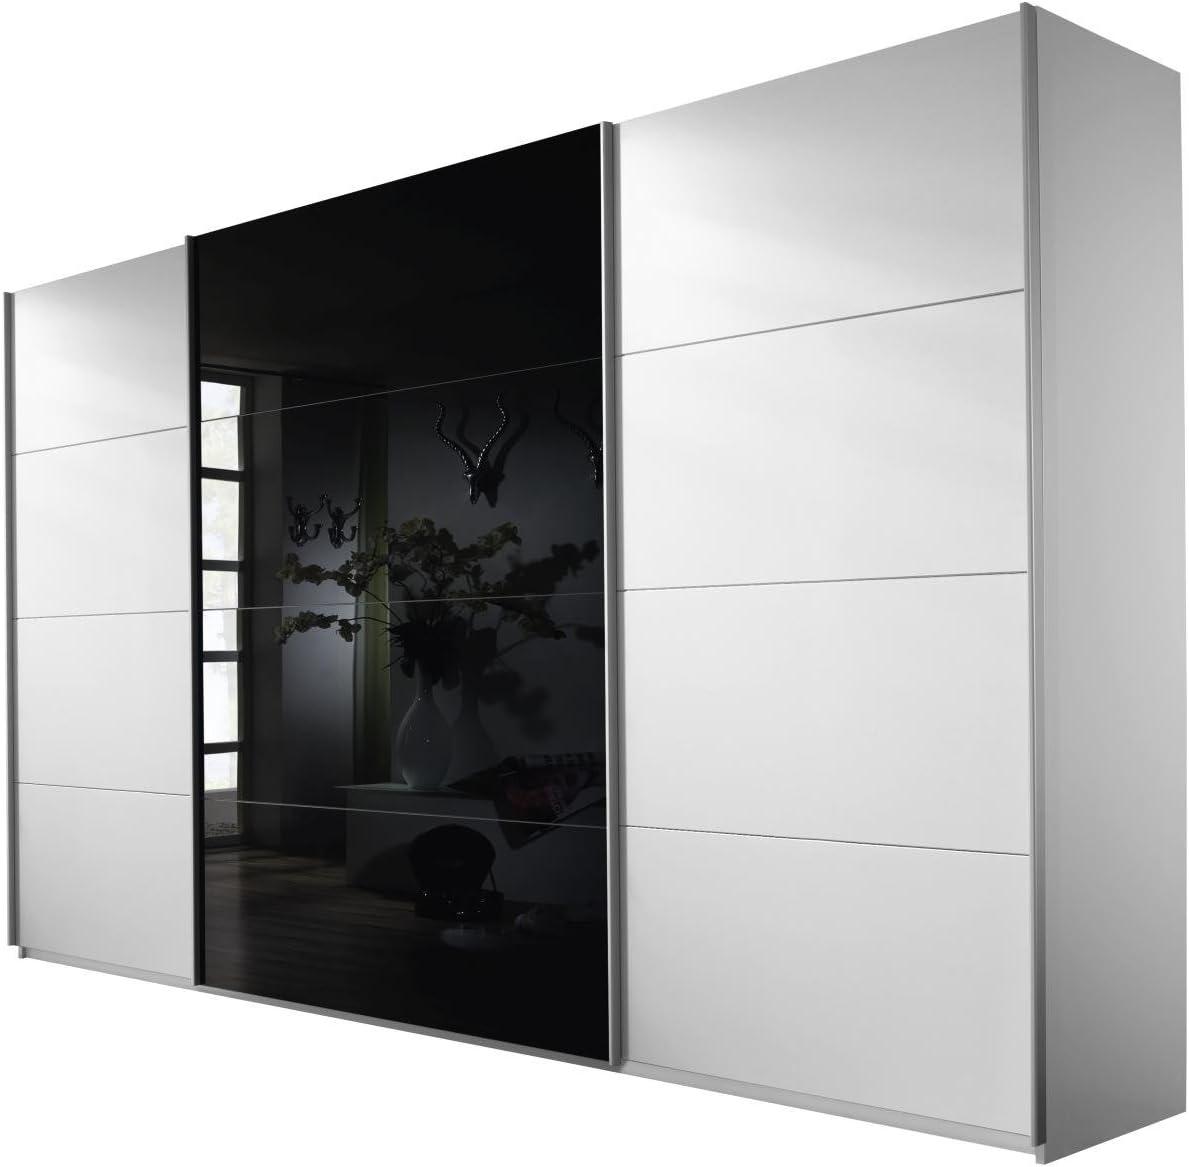 Rauch Möbel Armario con Puertas correderas, Madera, Color Blanco Alpino de Cristal Negro, Höhe 230 cm